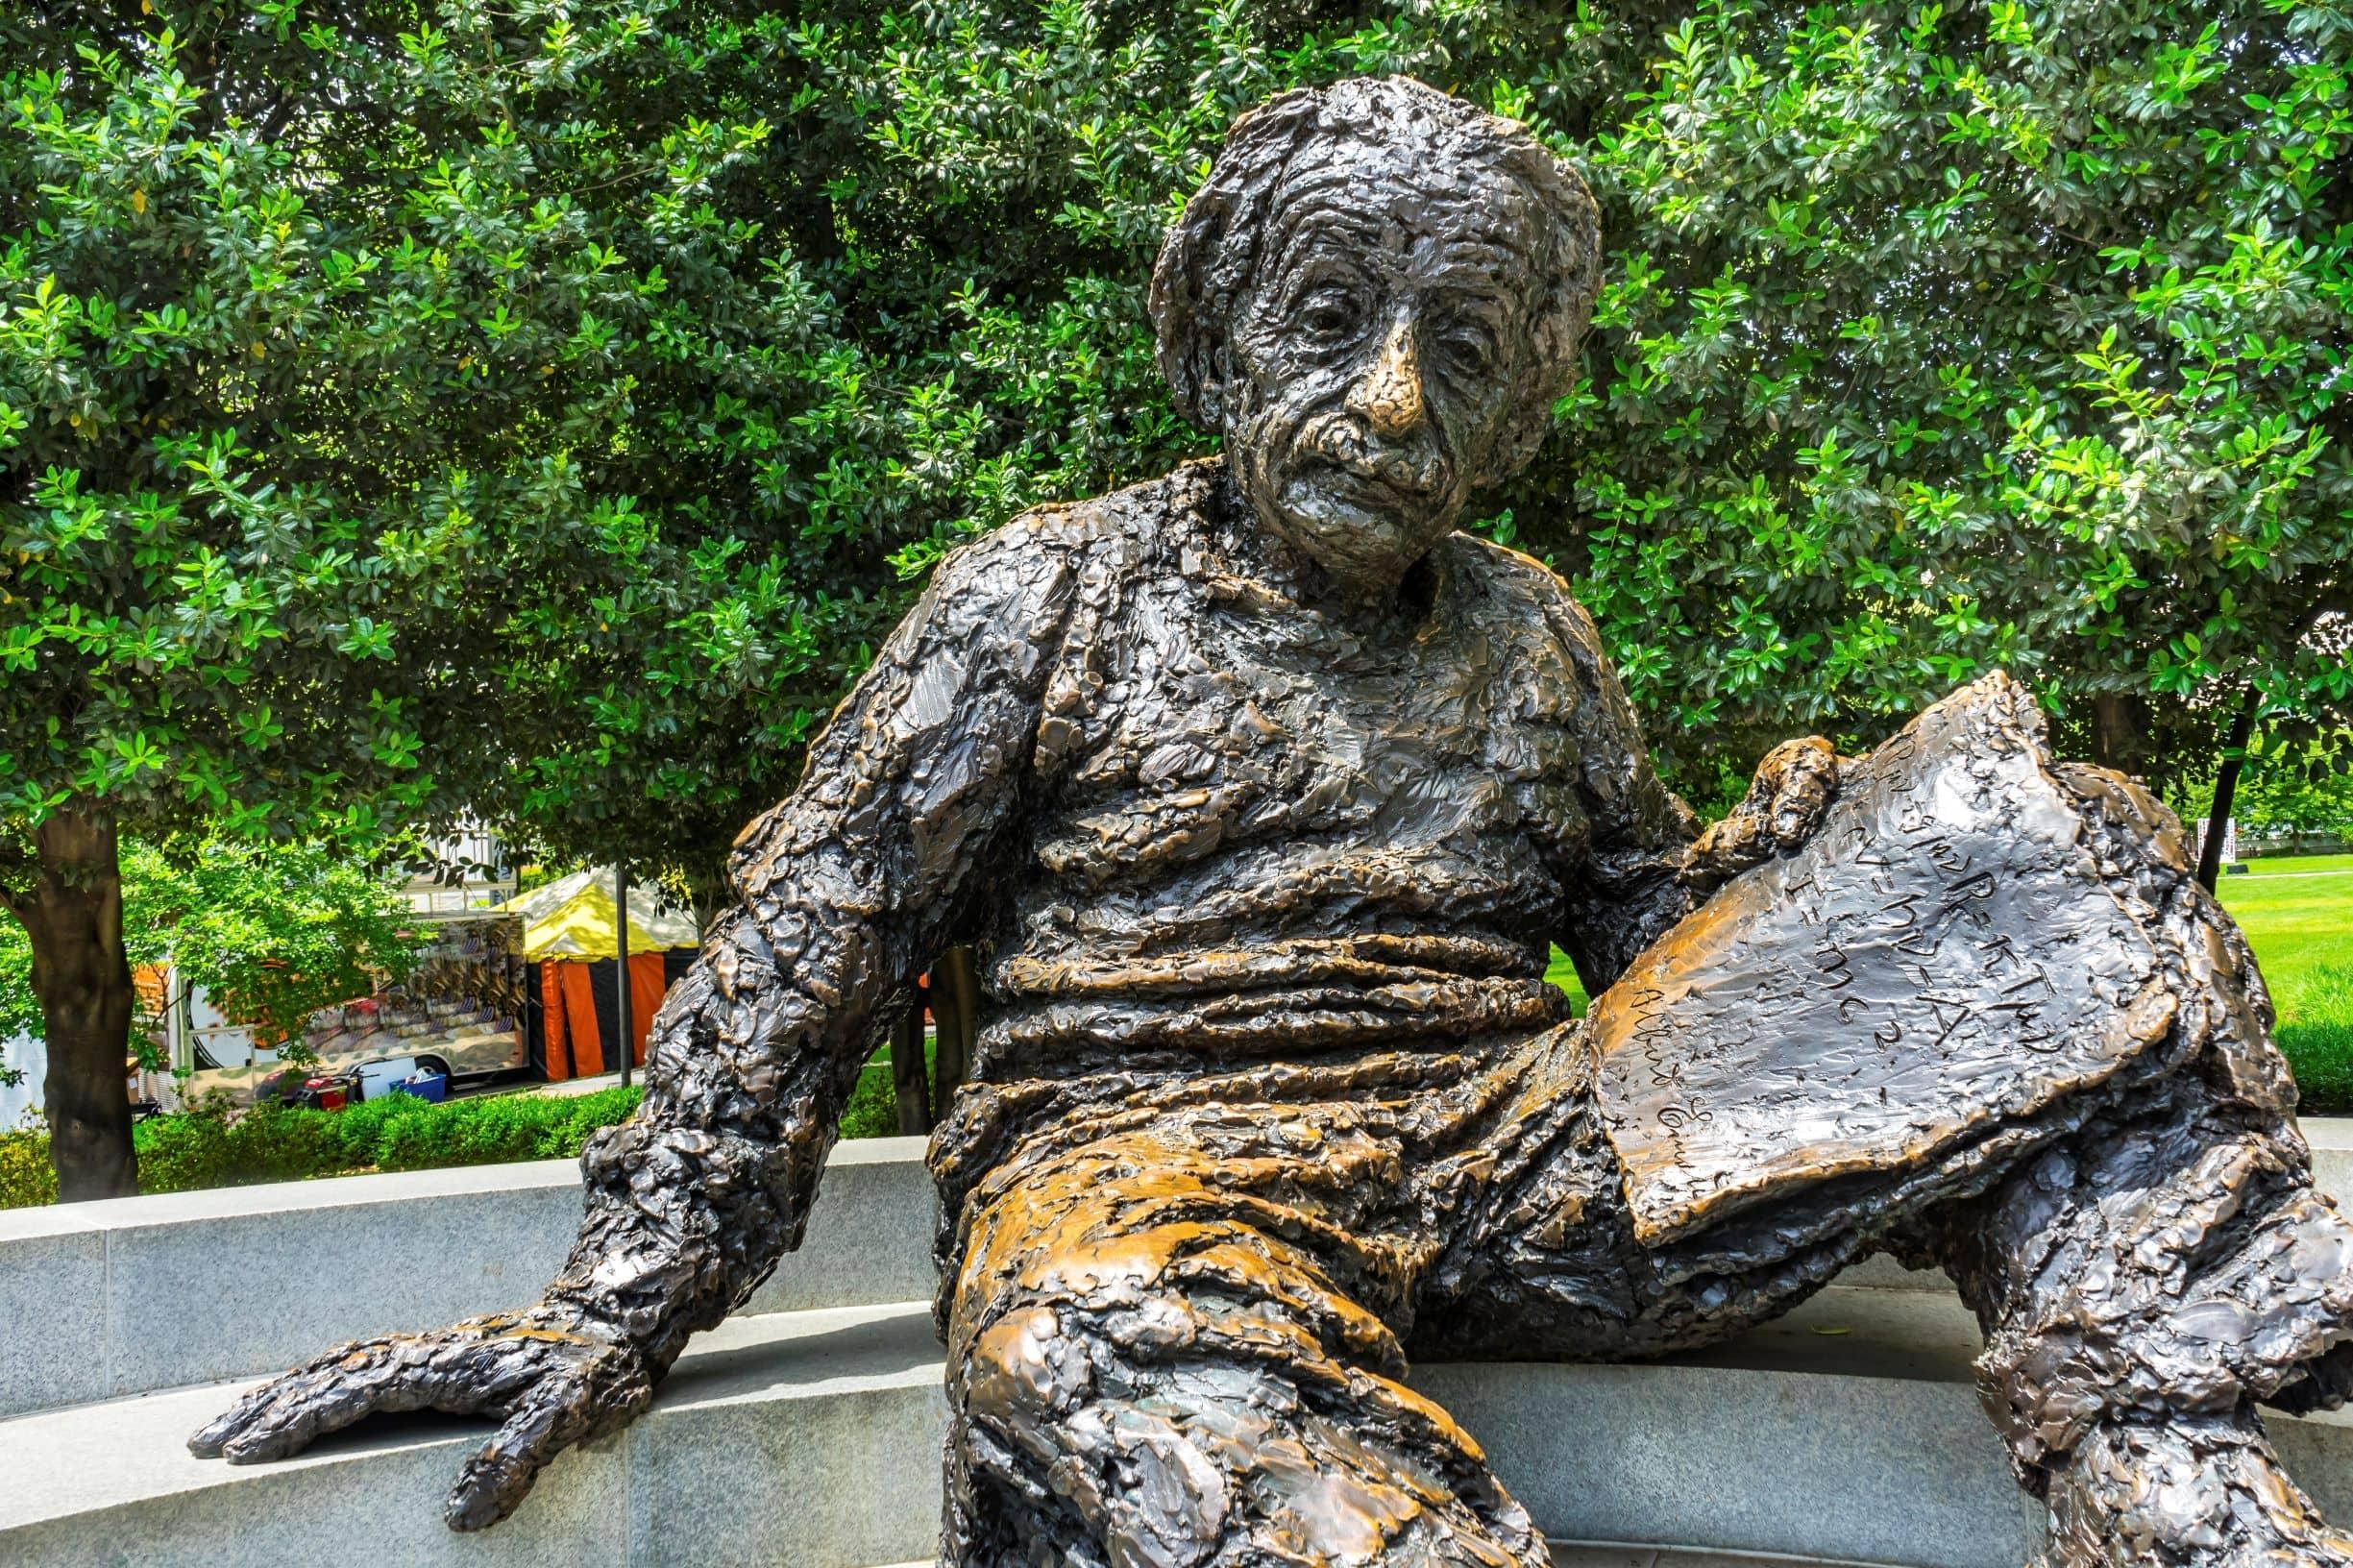 Albert Einstein Memorial in Washington, DC